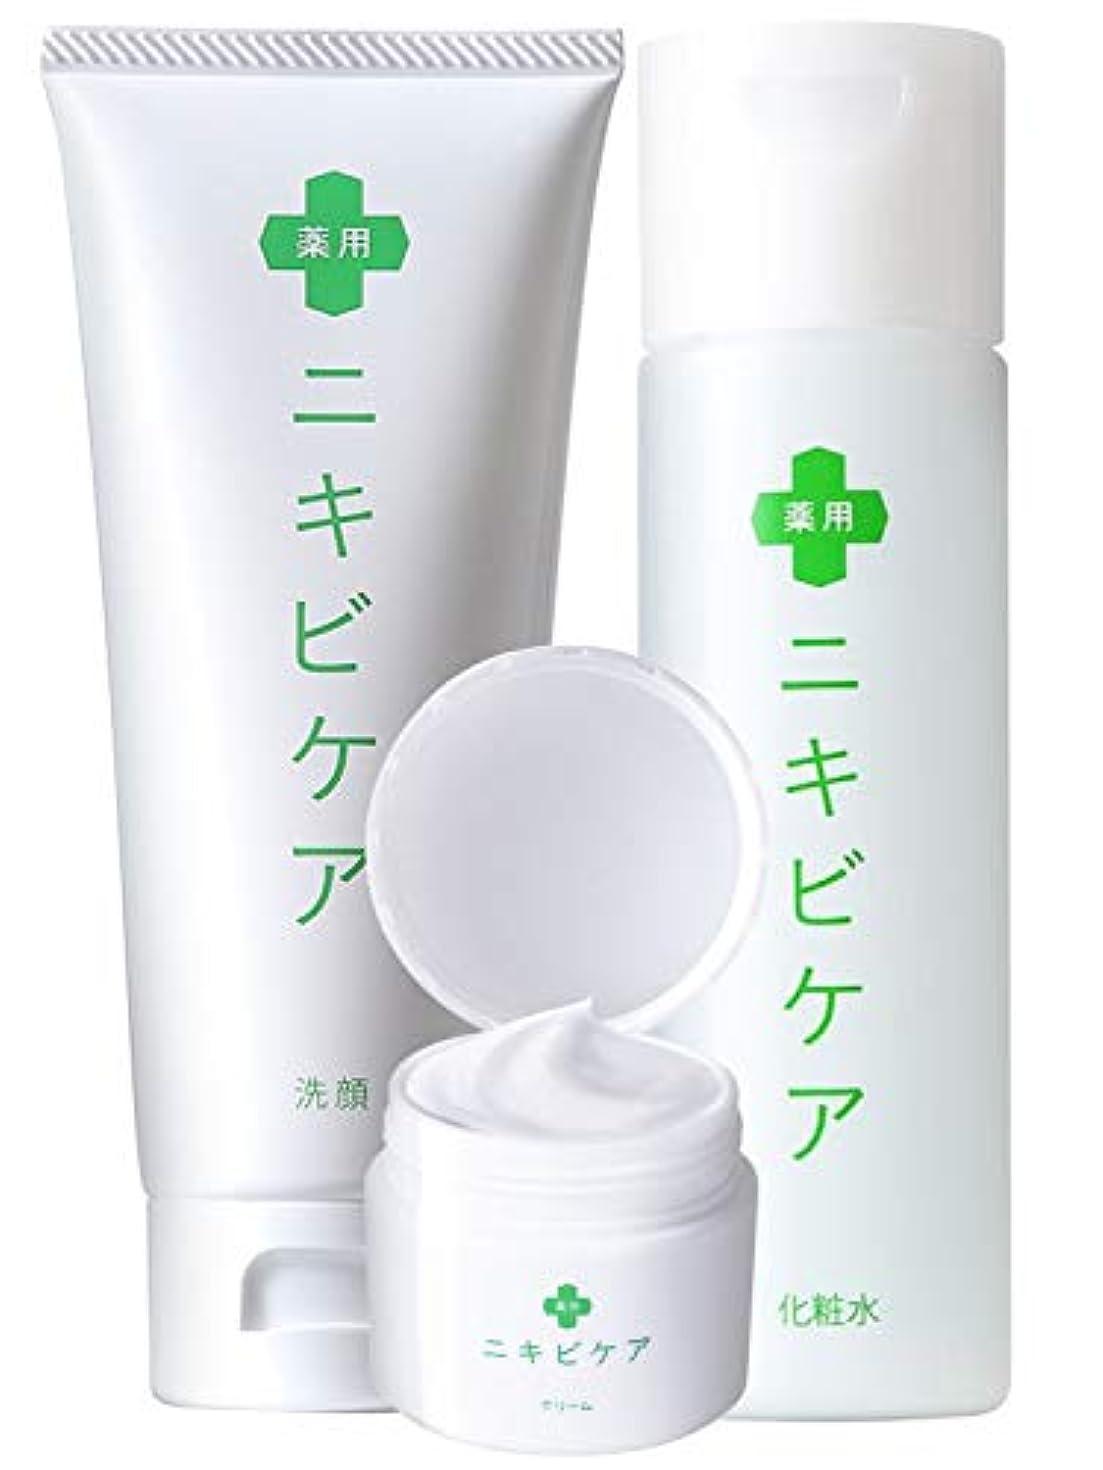 表面見せます自己尊重医薬部外品 薬用 ニキビケア クリーム & 化粧水 & 洗顔 基礎 セット「 香料 無添加 大人ニキビ 予防 」「 あご おでこ 鼻 アクネ 対策 」「 ヒアルロン酸 *1 コラーゲン *2 プラセンタ *3 配合 」 メンズ レディース 100g & 120ml & 50g